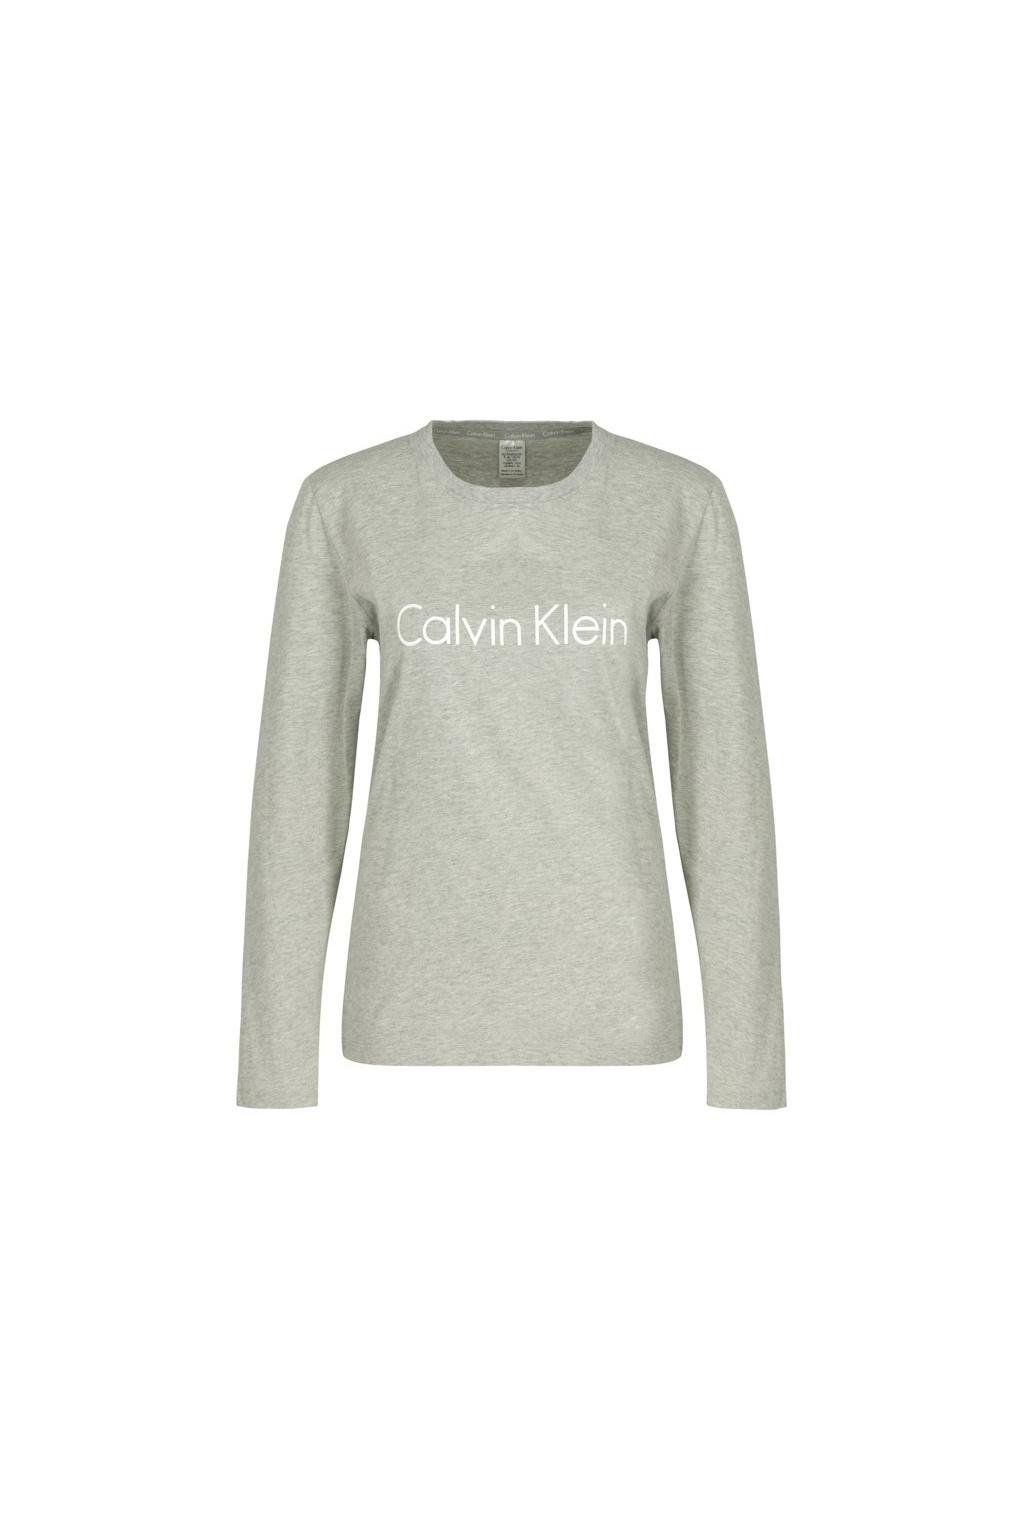 Calvin Klein logo tričko s dlouhým rukávem - šedé